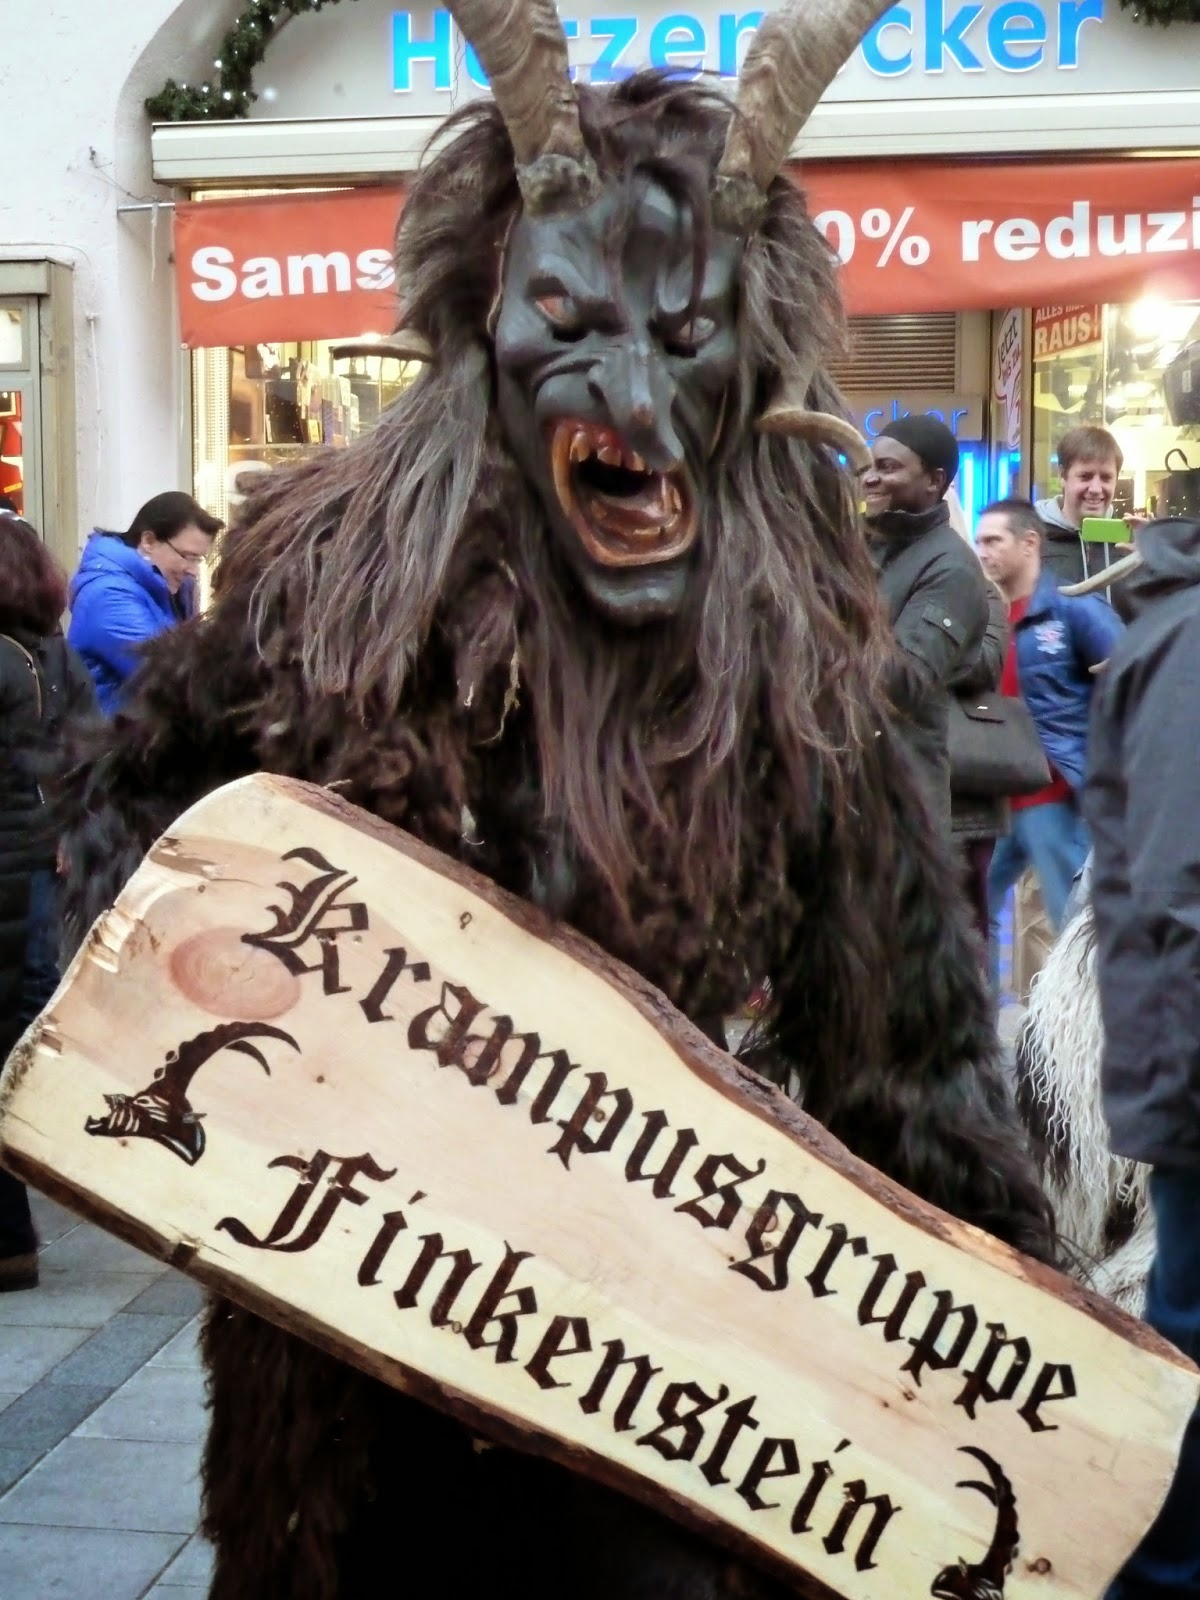 KRAMPUS à saint nicolas à Munich